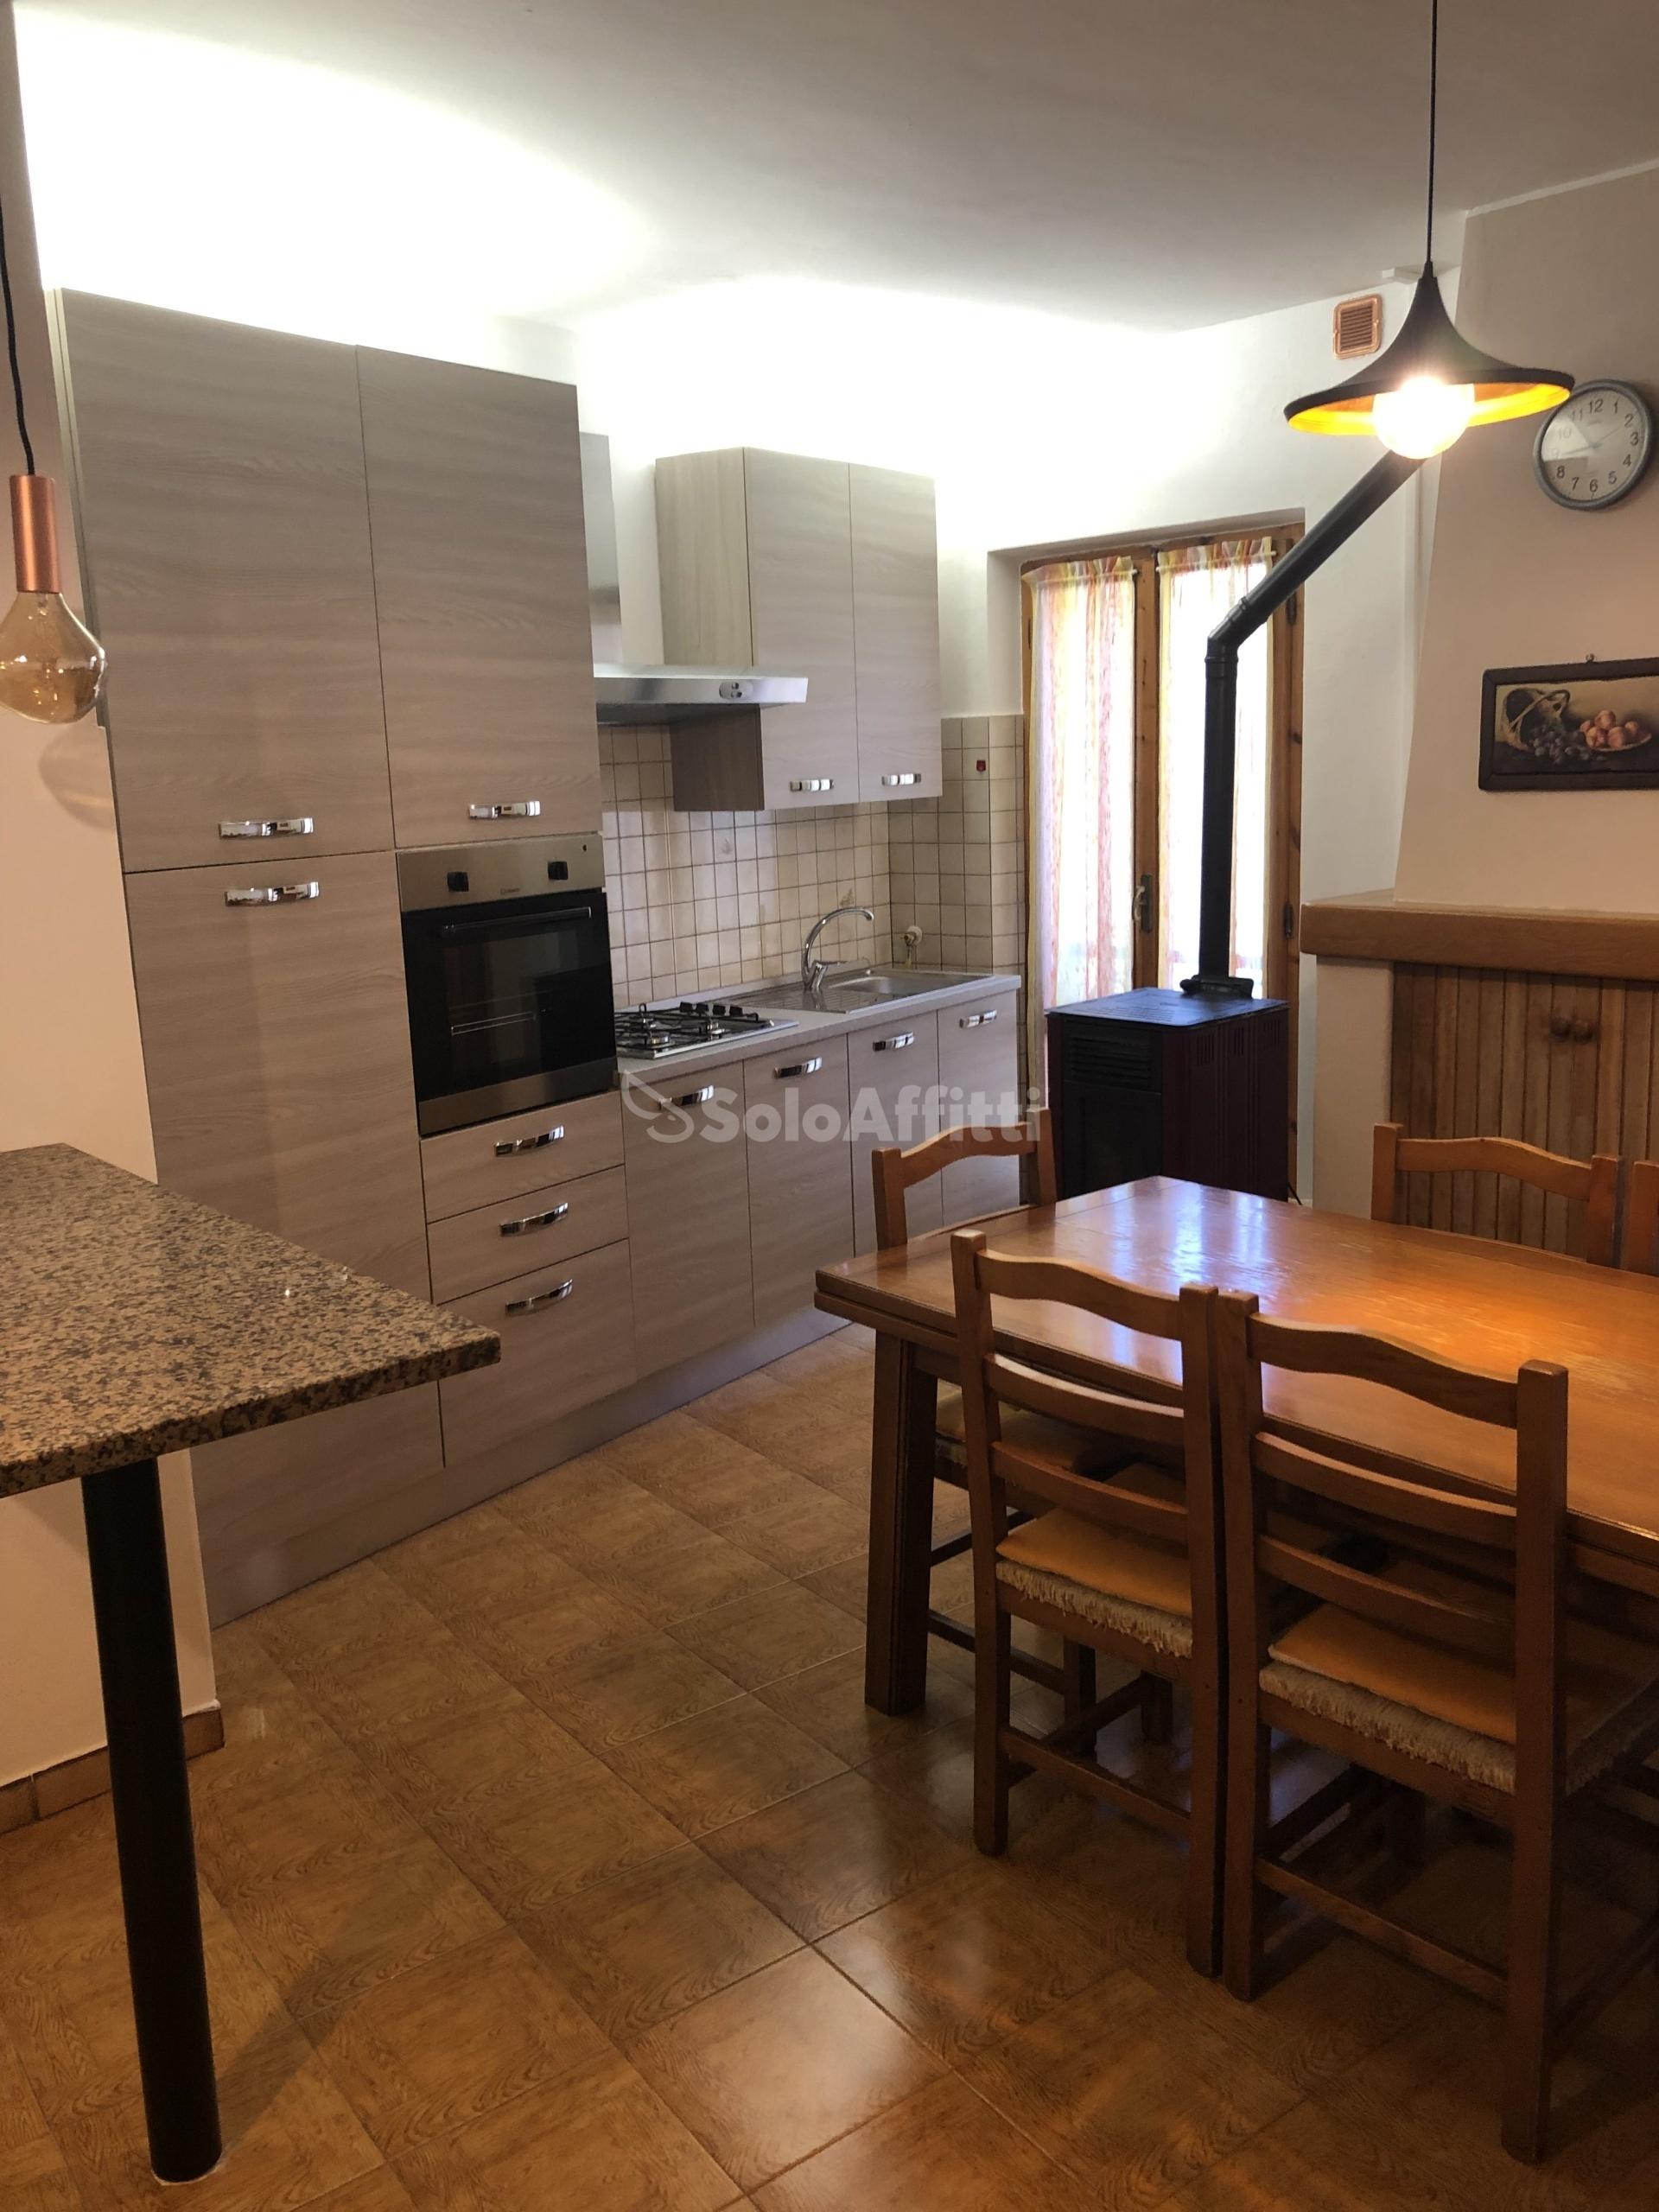 Affitto appartamento bilocale arredato for Bilocale arredato alba